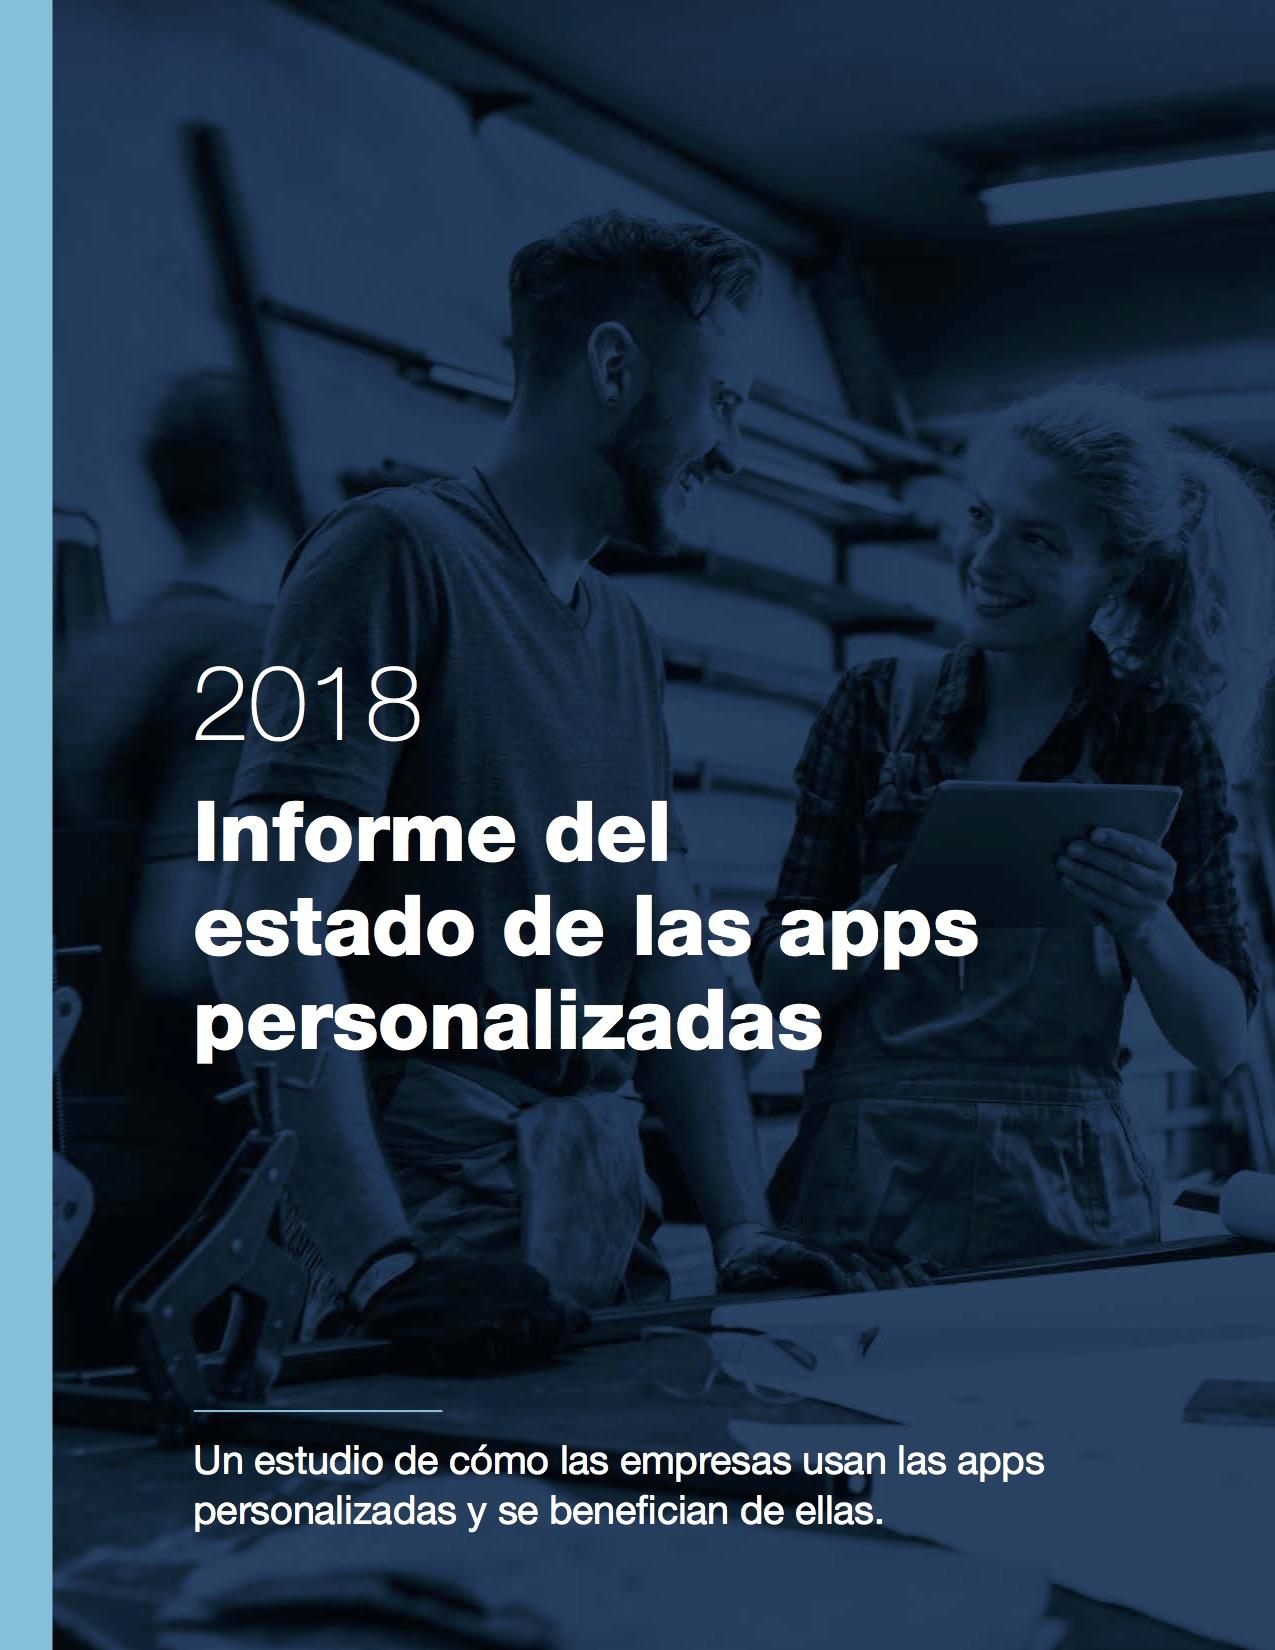 Portada del Informe del estado de las apps personalizadas 2018